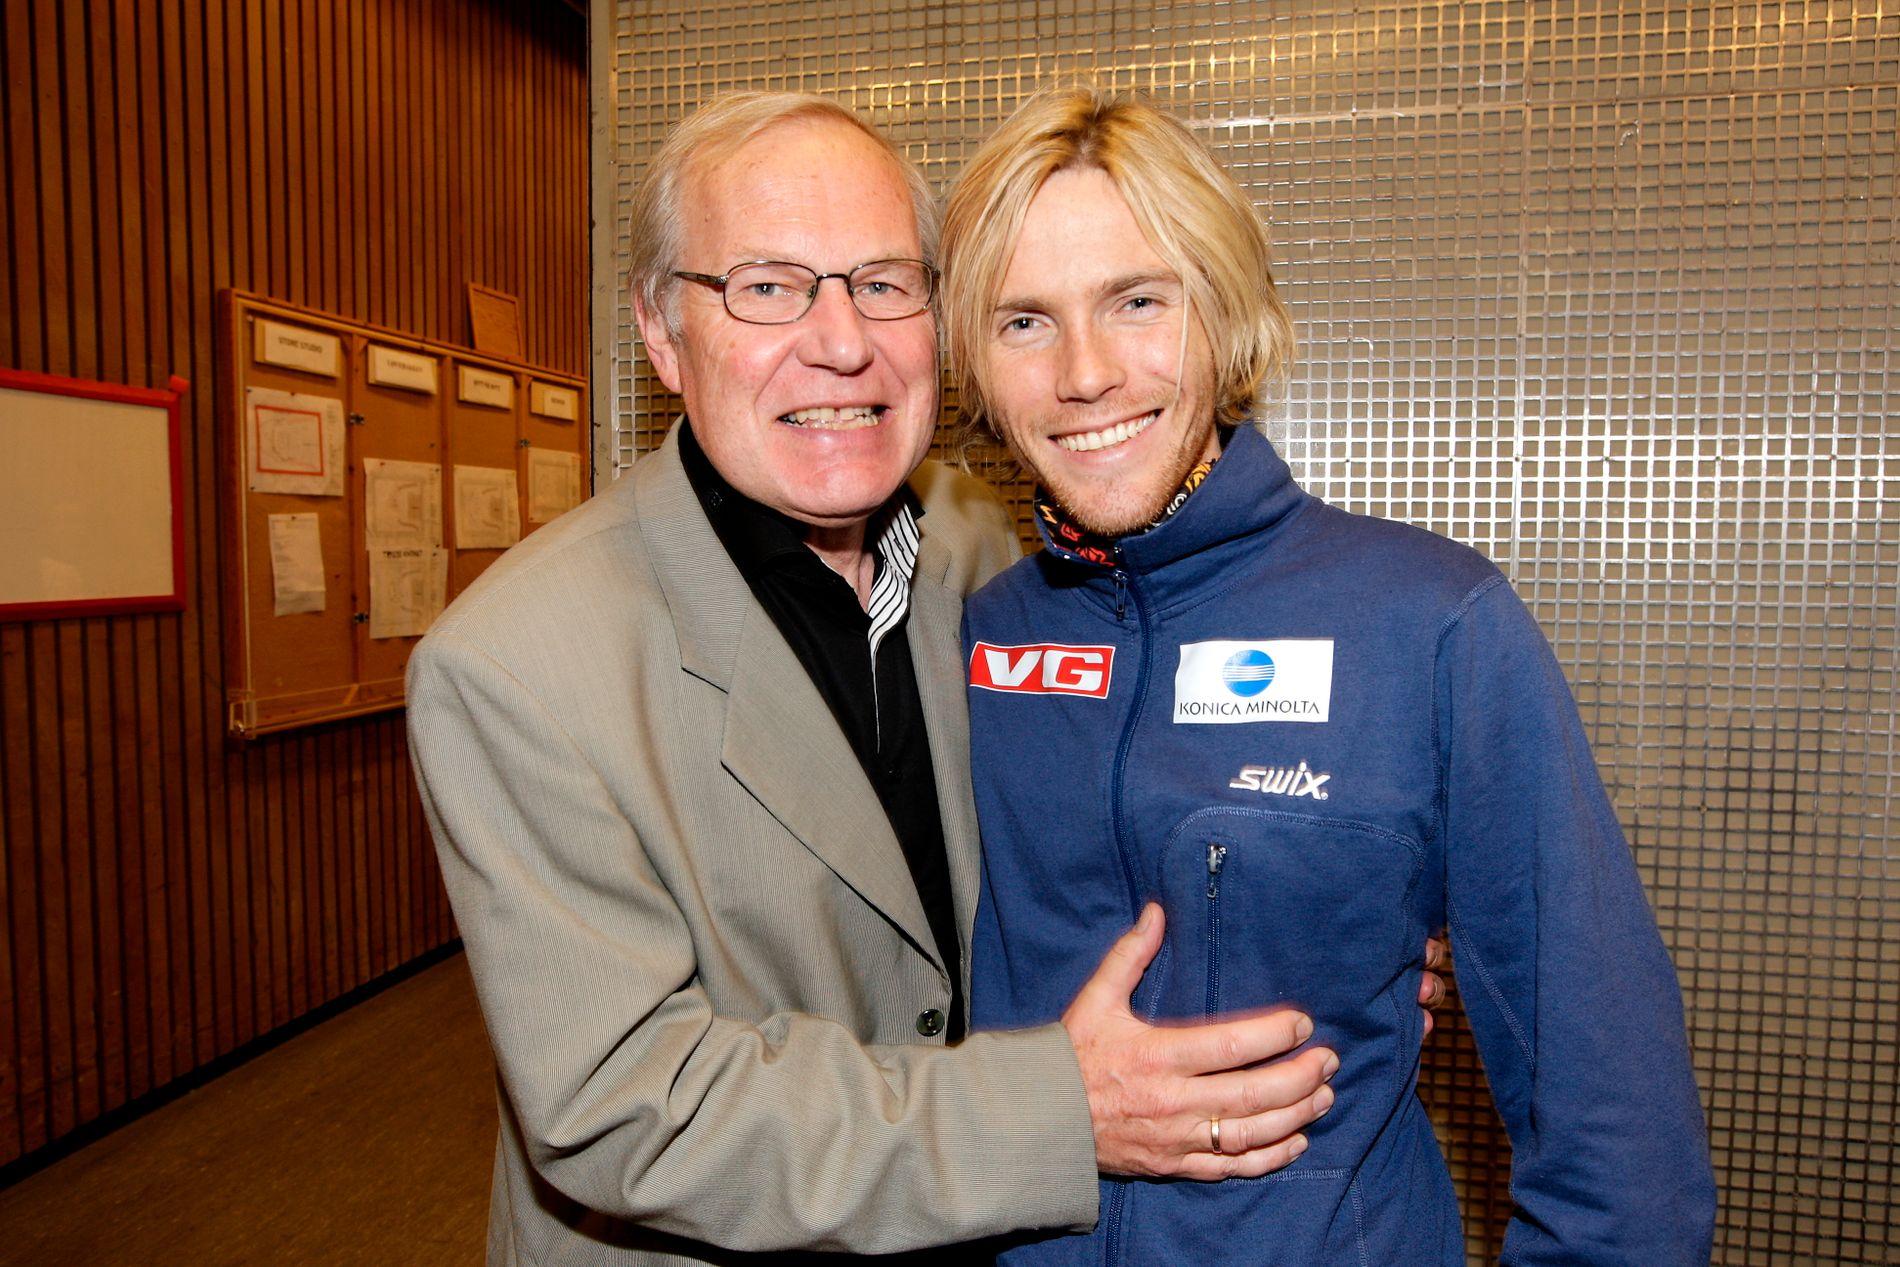 GODE BUSSER: Arne Scheie og Bjørn Einar Romøren fotografert i forbindelse med TV-aksjonen i 2009.